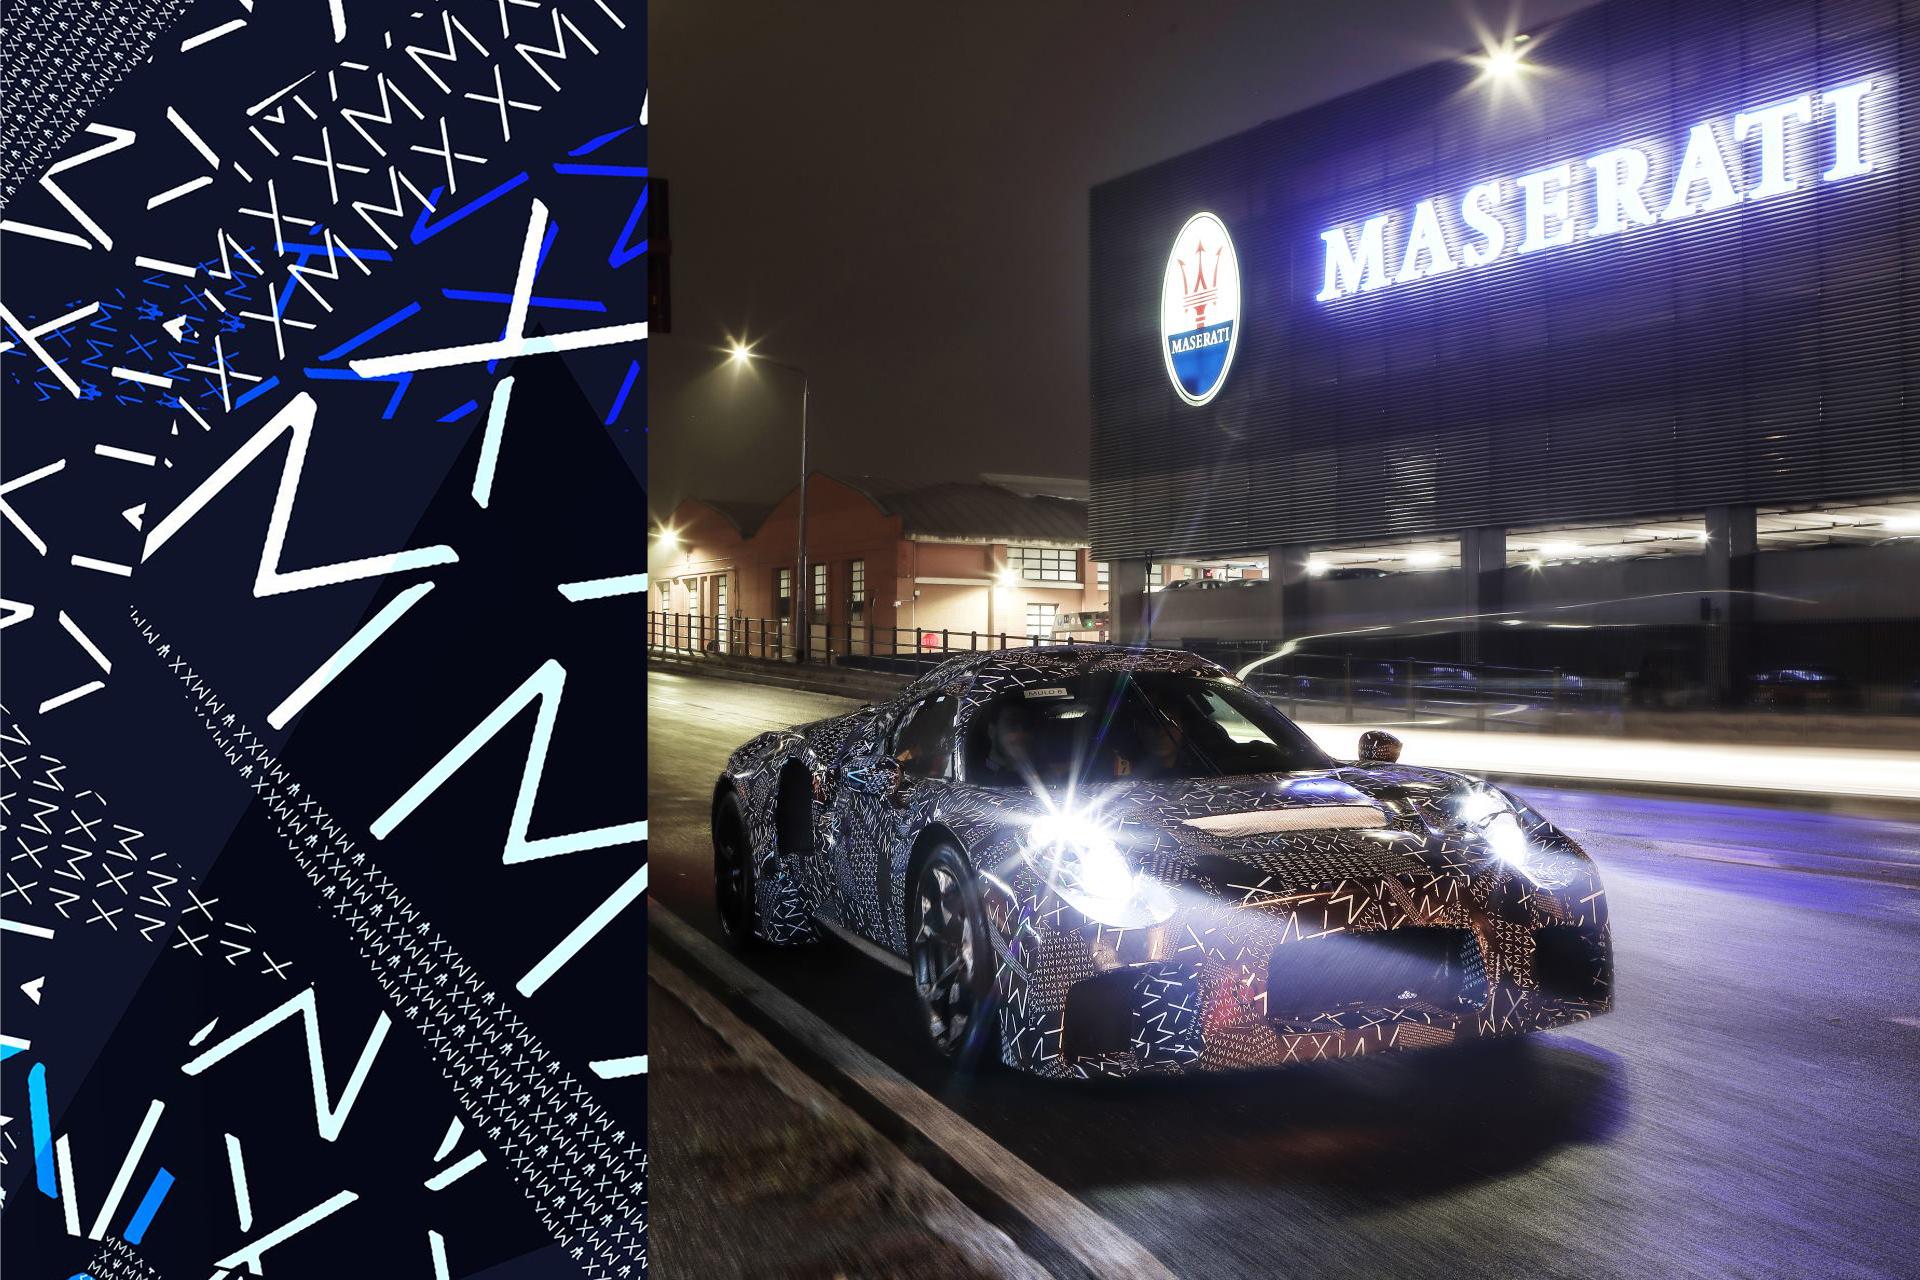 Maserati_new_mule_+_mmxx-Wrap